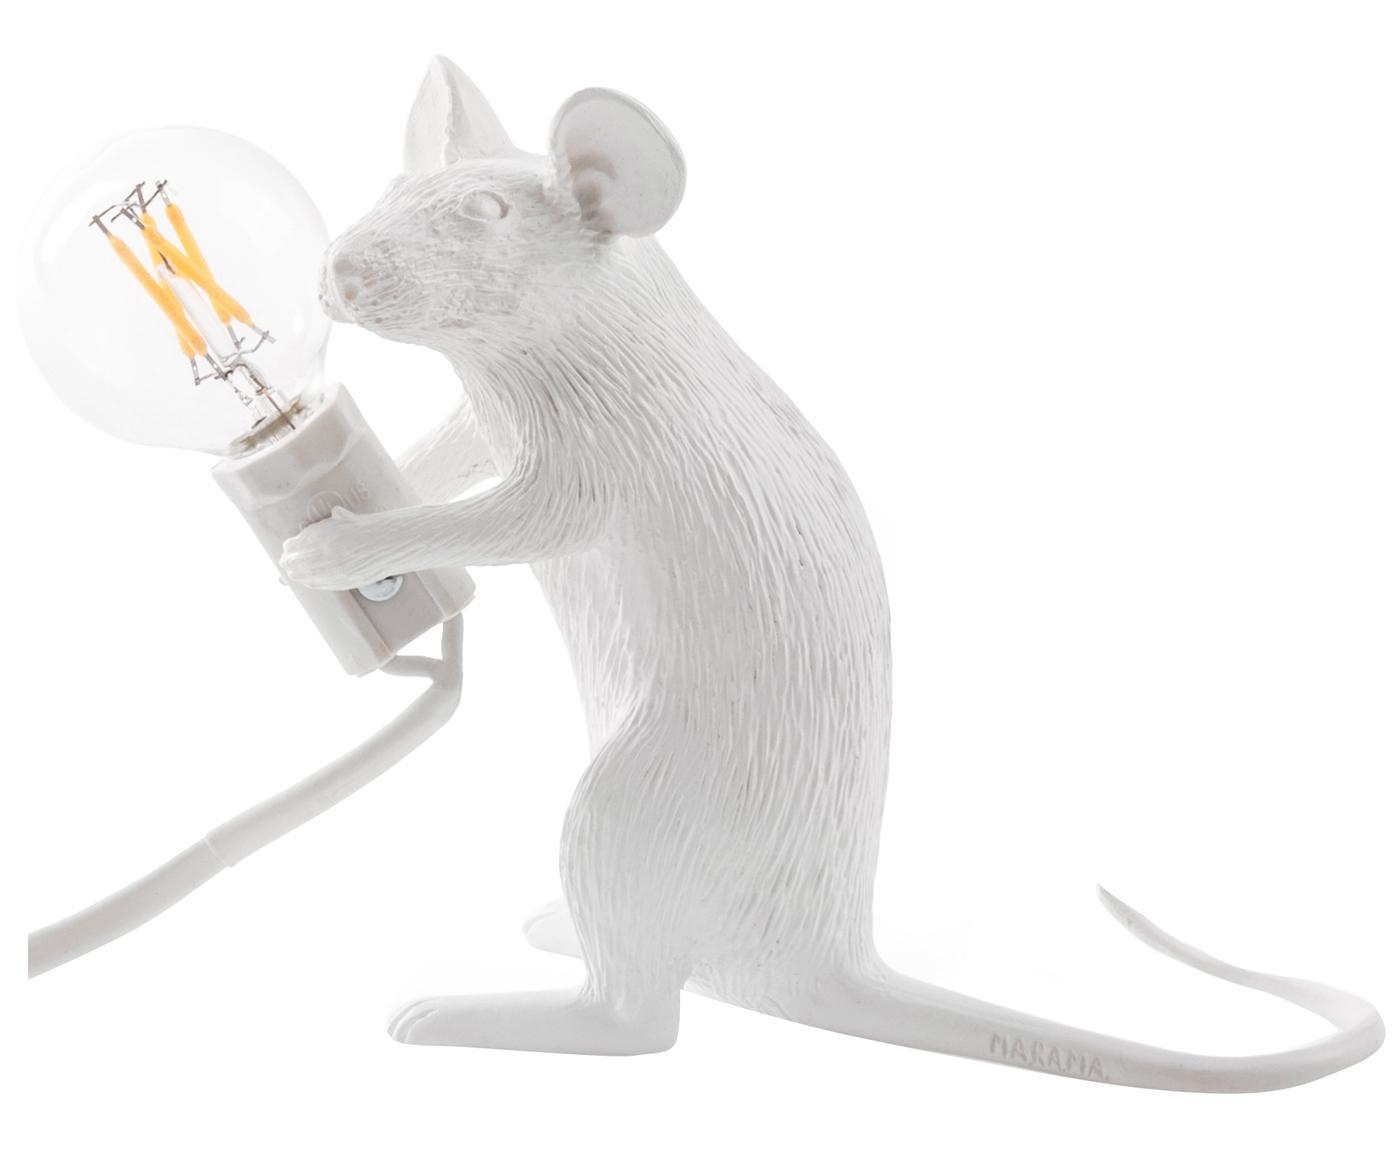 Design Tischleuchte Mouse, Kunstharz, Weiß, 5 x 13 cm